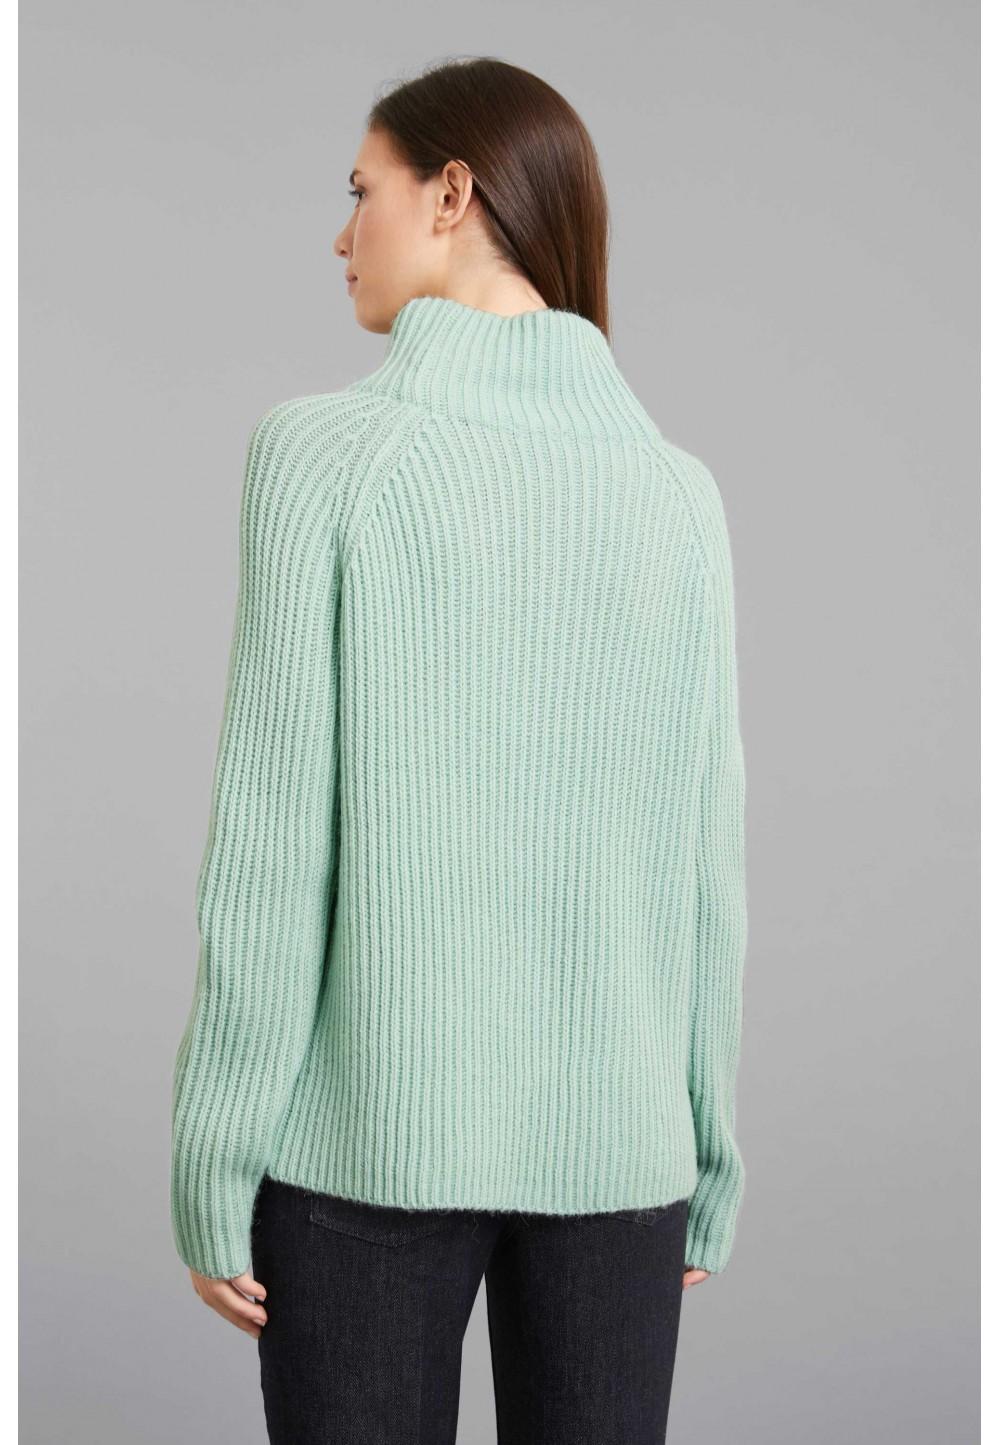 Вязаный свитер с широким воротником